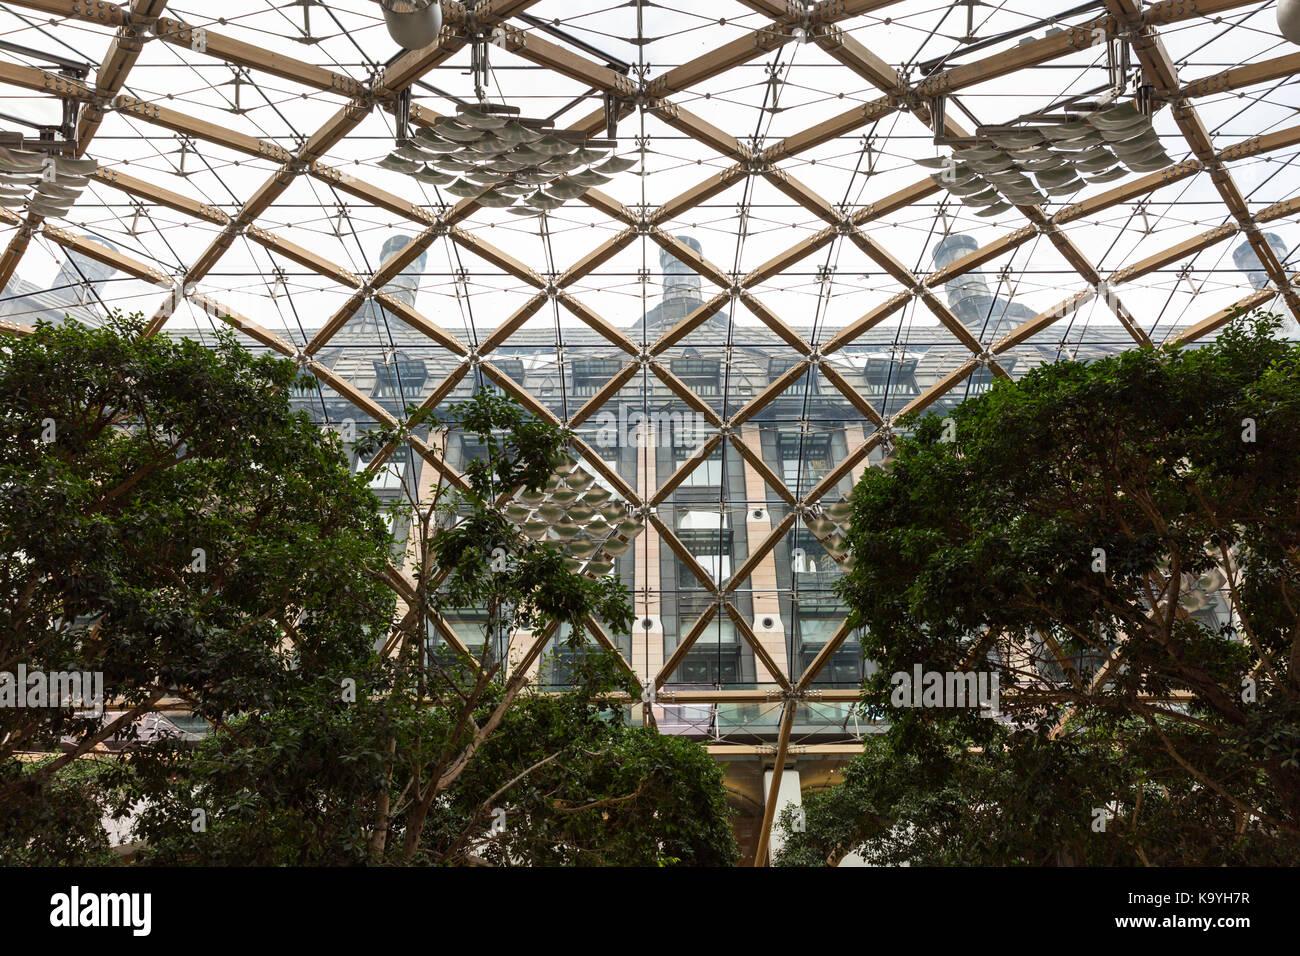 La estructura del techo de cristal y el atrio en Portcullis House, Westminster, Londres, Inglaterra Foto de stock